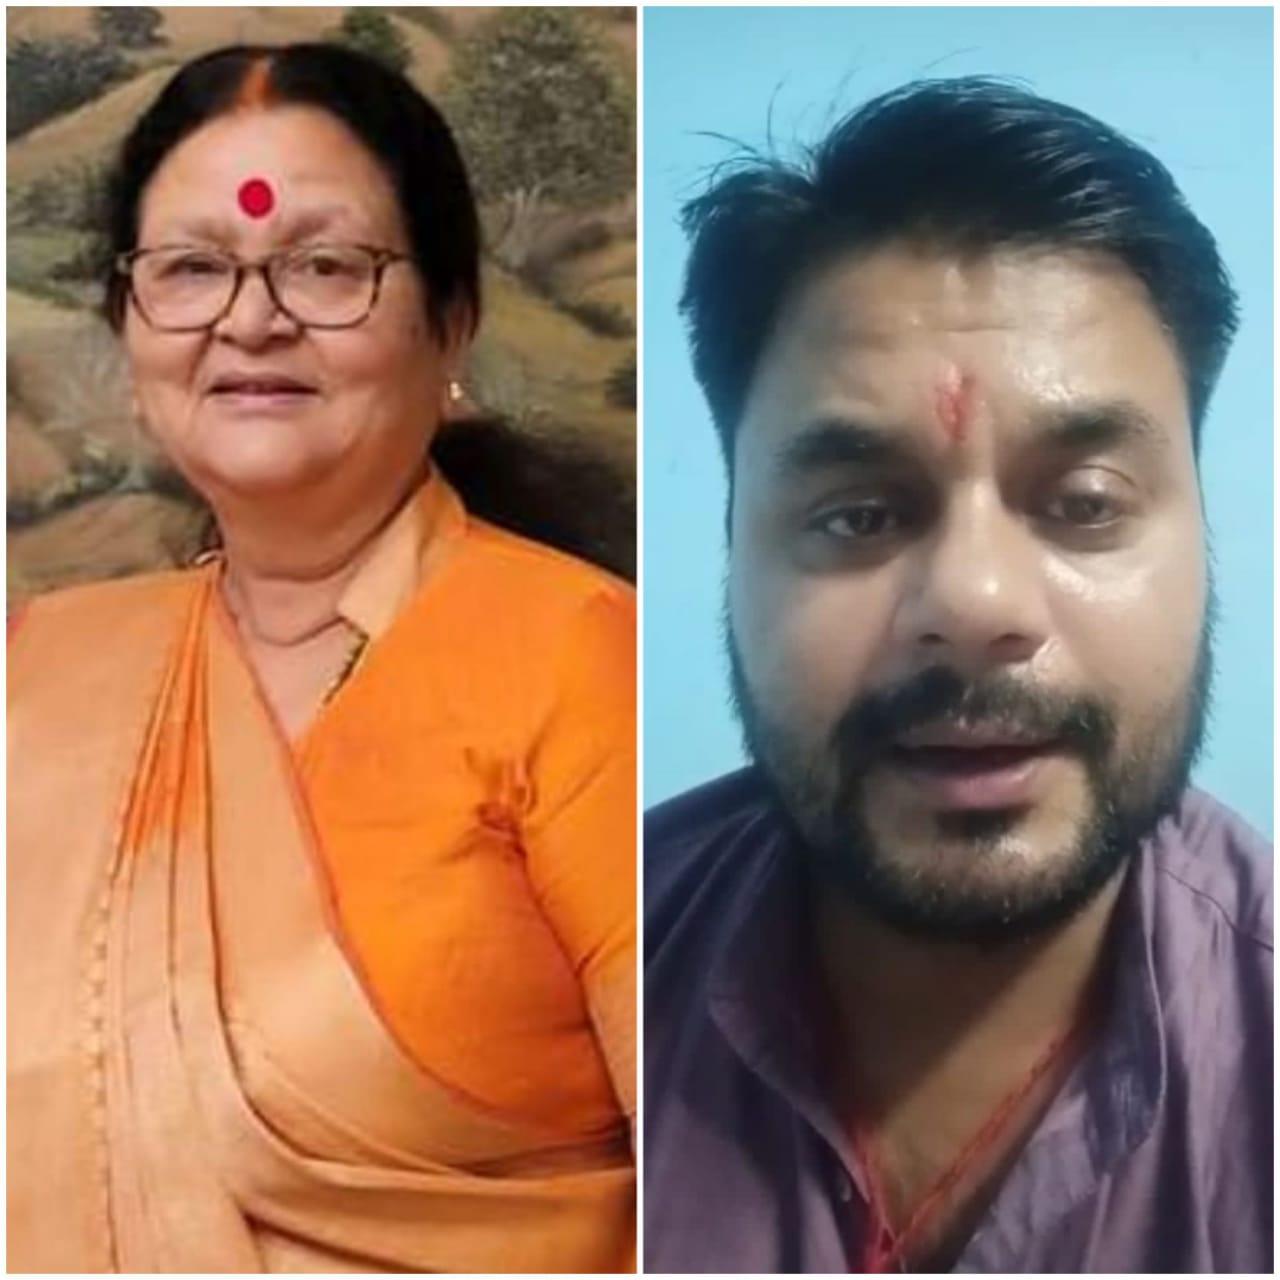 पार्षद ने महापौर पर विकास कार्य बाधित करने का लगाया आरोप, कहा चल रहे विकास कार्य भी रोक दिए, आमरण अनशन की चेतावनी, मुख्यमंत्री तक शिकायत|कानपुर,Kanpur - Dainik Bhaskar